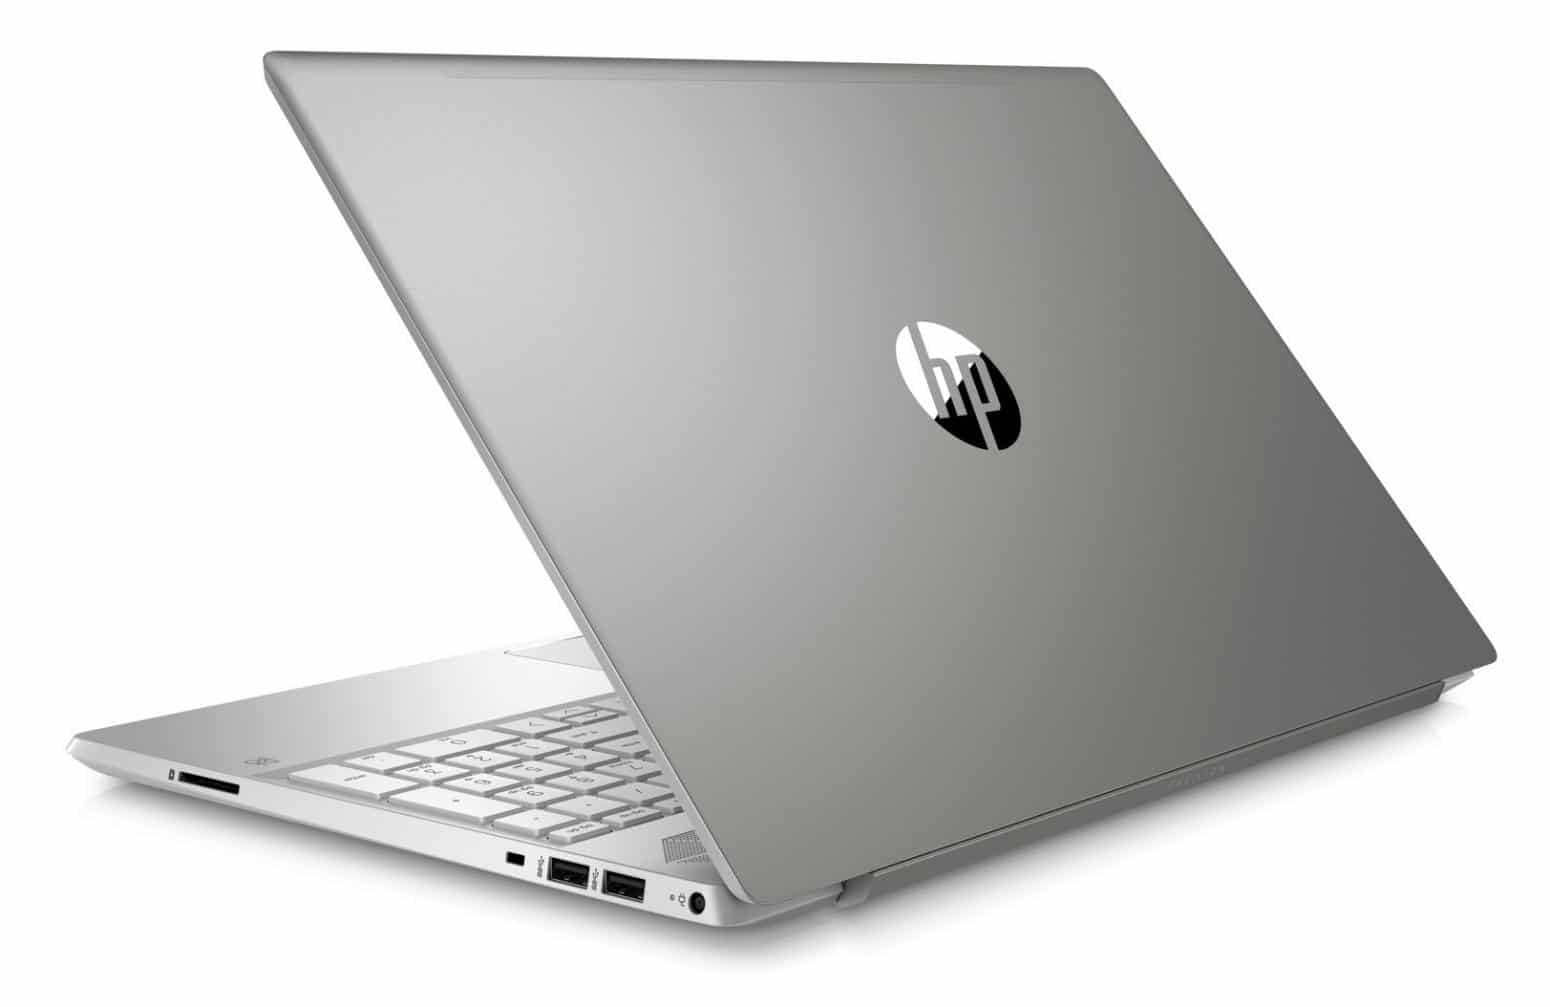 Revue de presse des tests publiés sur le Web (HP Pavilion 15-cw AMD)